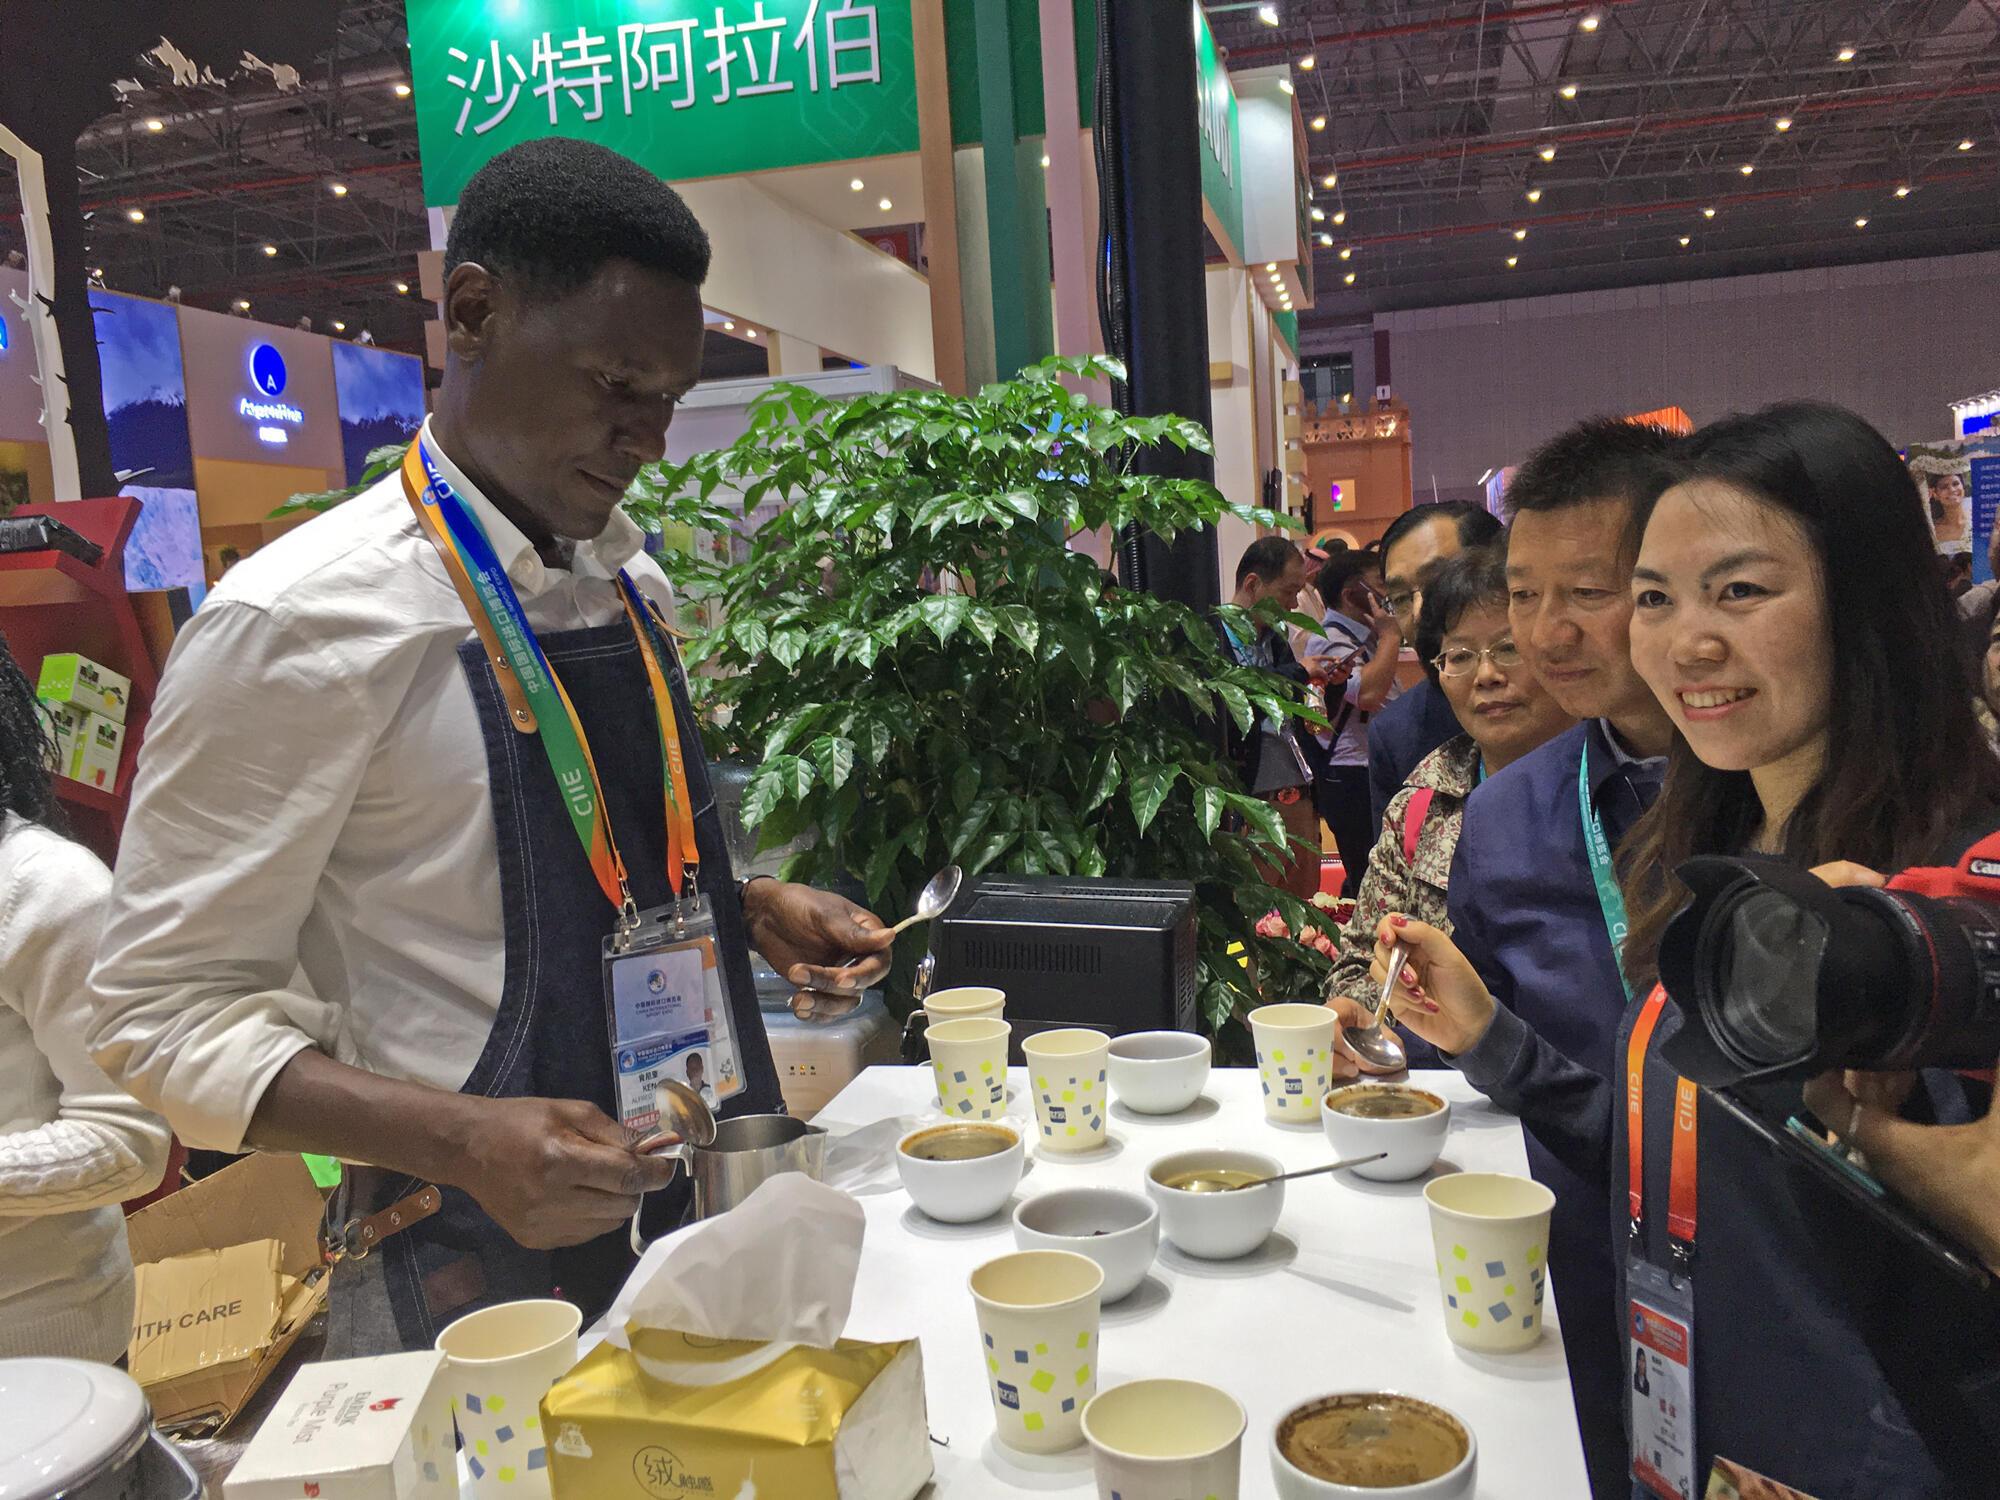 Dégustation de café sur le stand du Kenya, à la foire internationale chinoise de l'importation à Shangaï, en Chine le 6 novembre 2018.